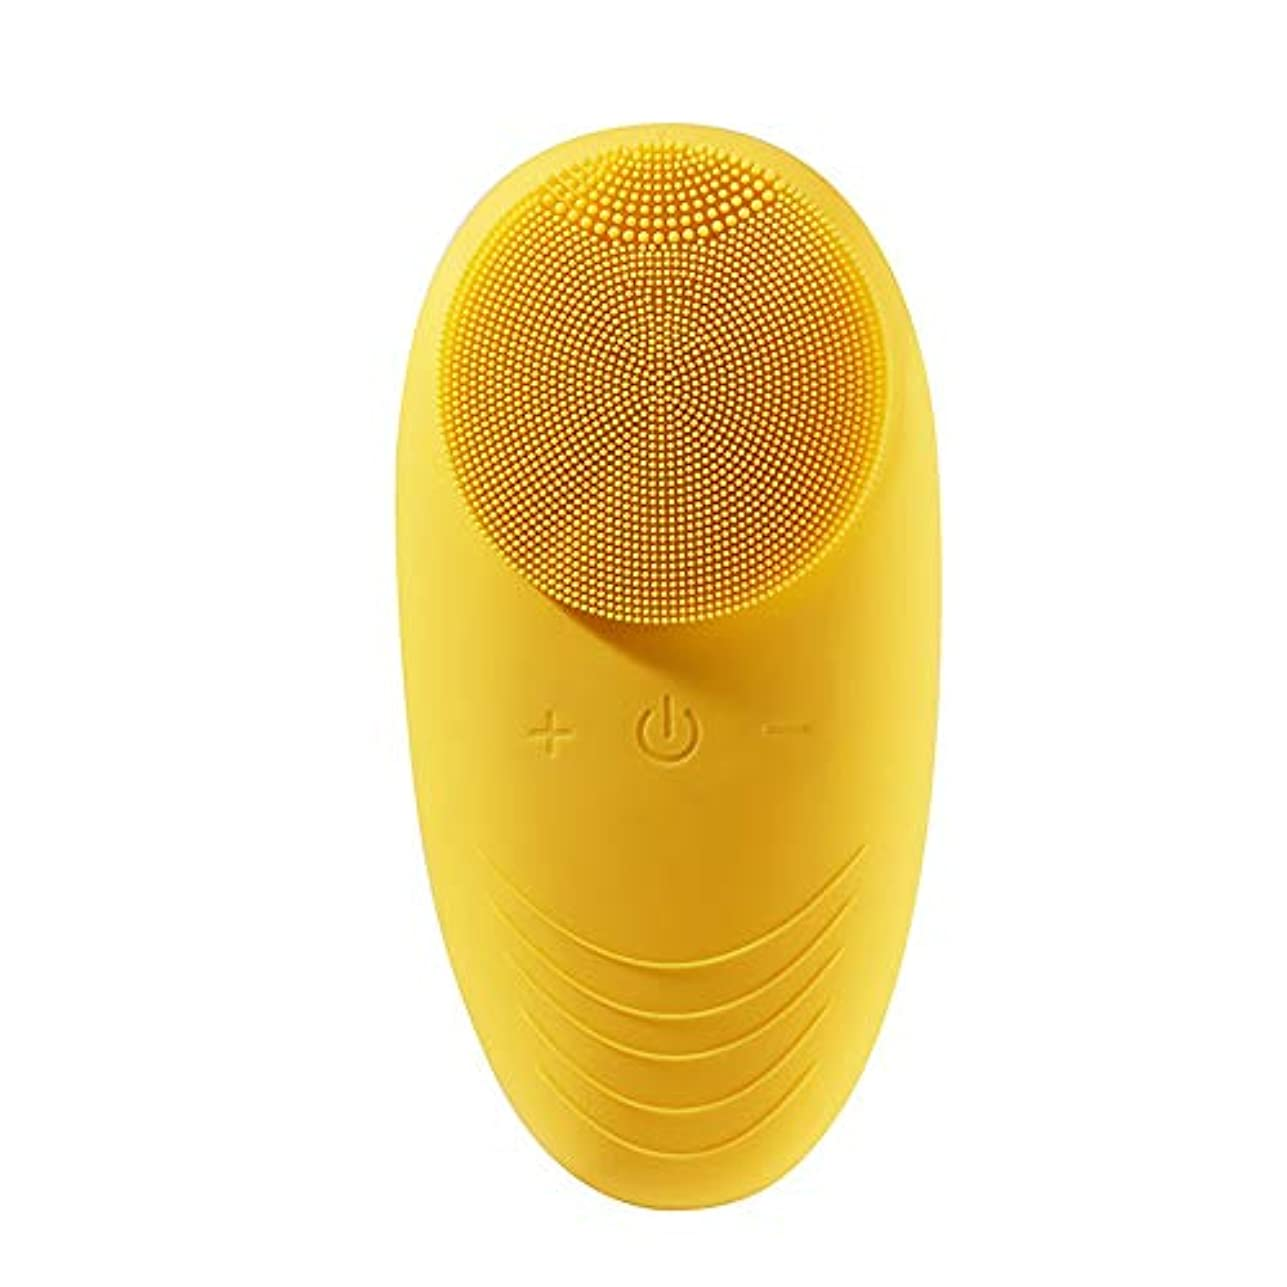 面積年金悲観主義者ZXF 電気シリコーン防水クレンジングブラシディープクリーニングポア超音波振動クレンジング器具美容器具 滑らかである (色 : Yellow)